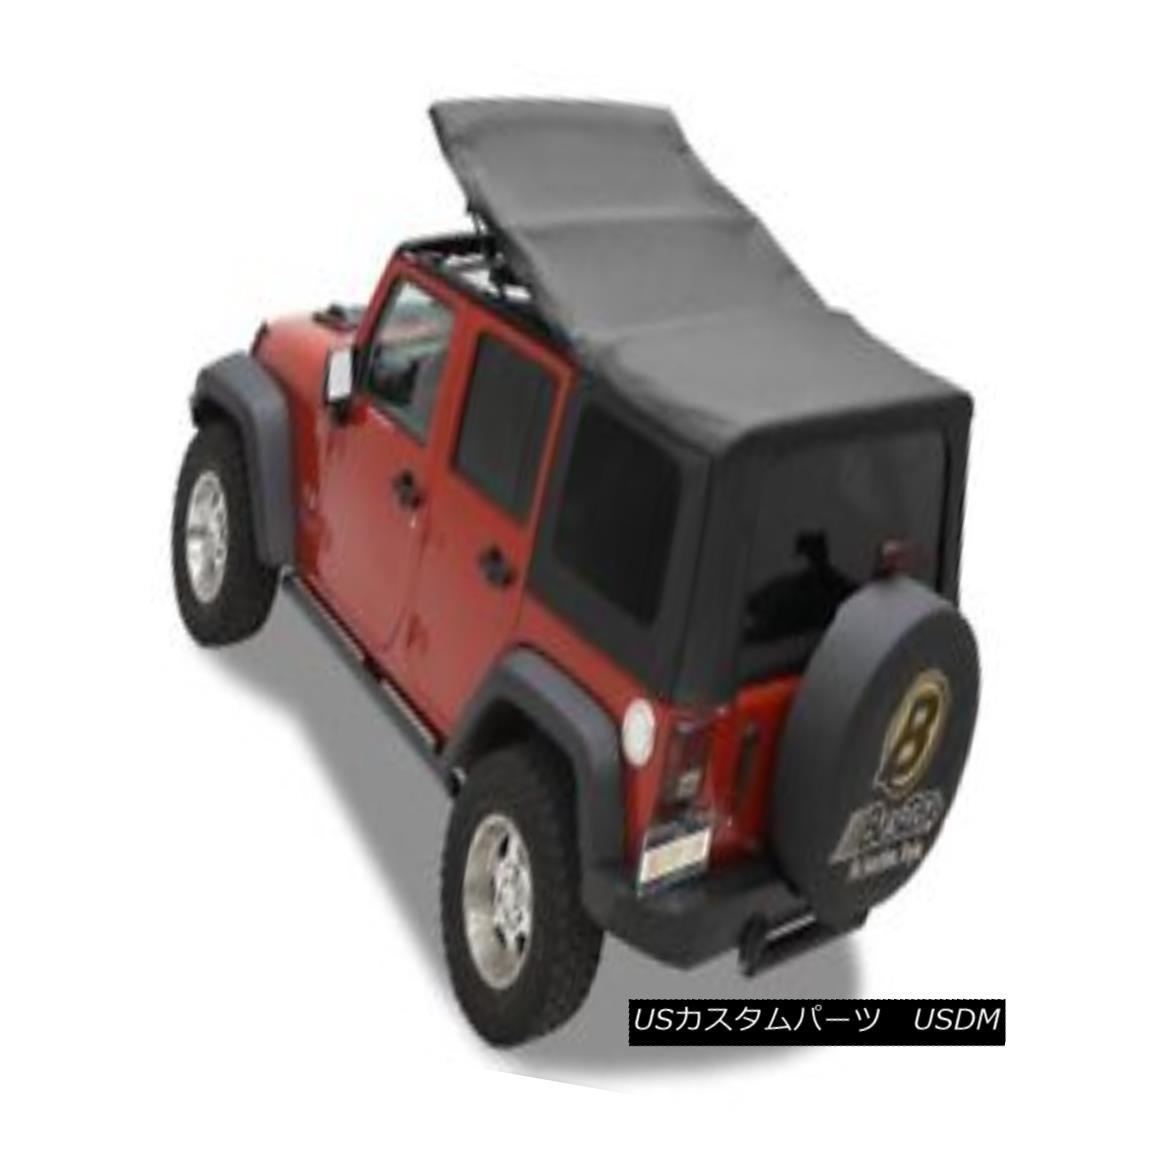 幌・ソフトトップ Bestop 79137-35 Jeep Sailcloth Replace-a-Top Soft Top Black Diamond Bestop 79137-35ジープ帆布交換トップソフトトップブラックダイヤモンド